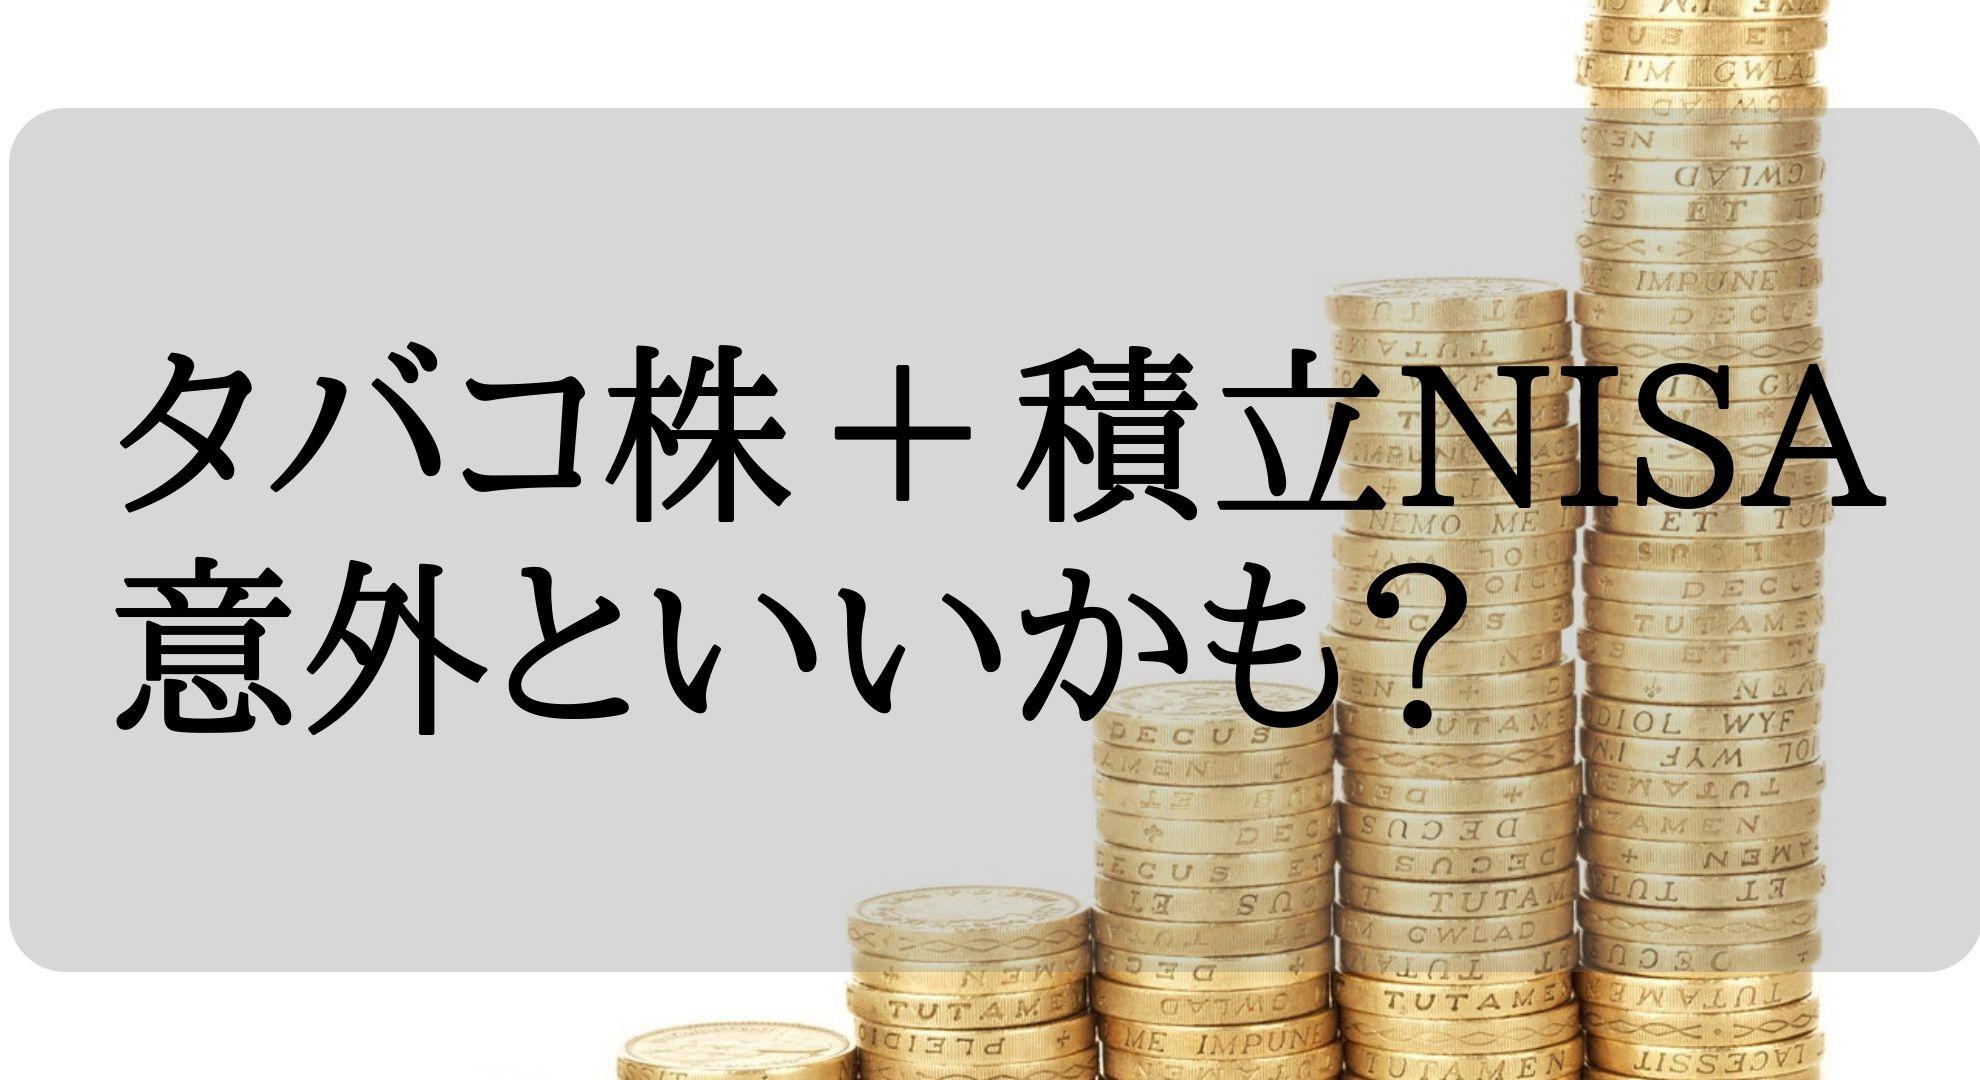 100万円タバコ株投資法とつみたてNISAのダブルコンボ投資法は意外といいかもしれないぞ!